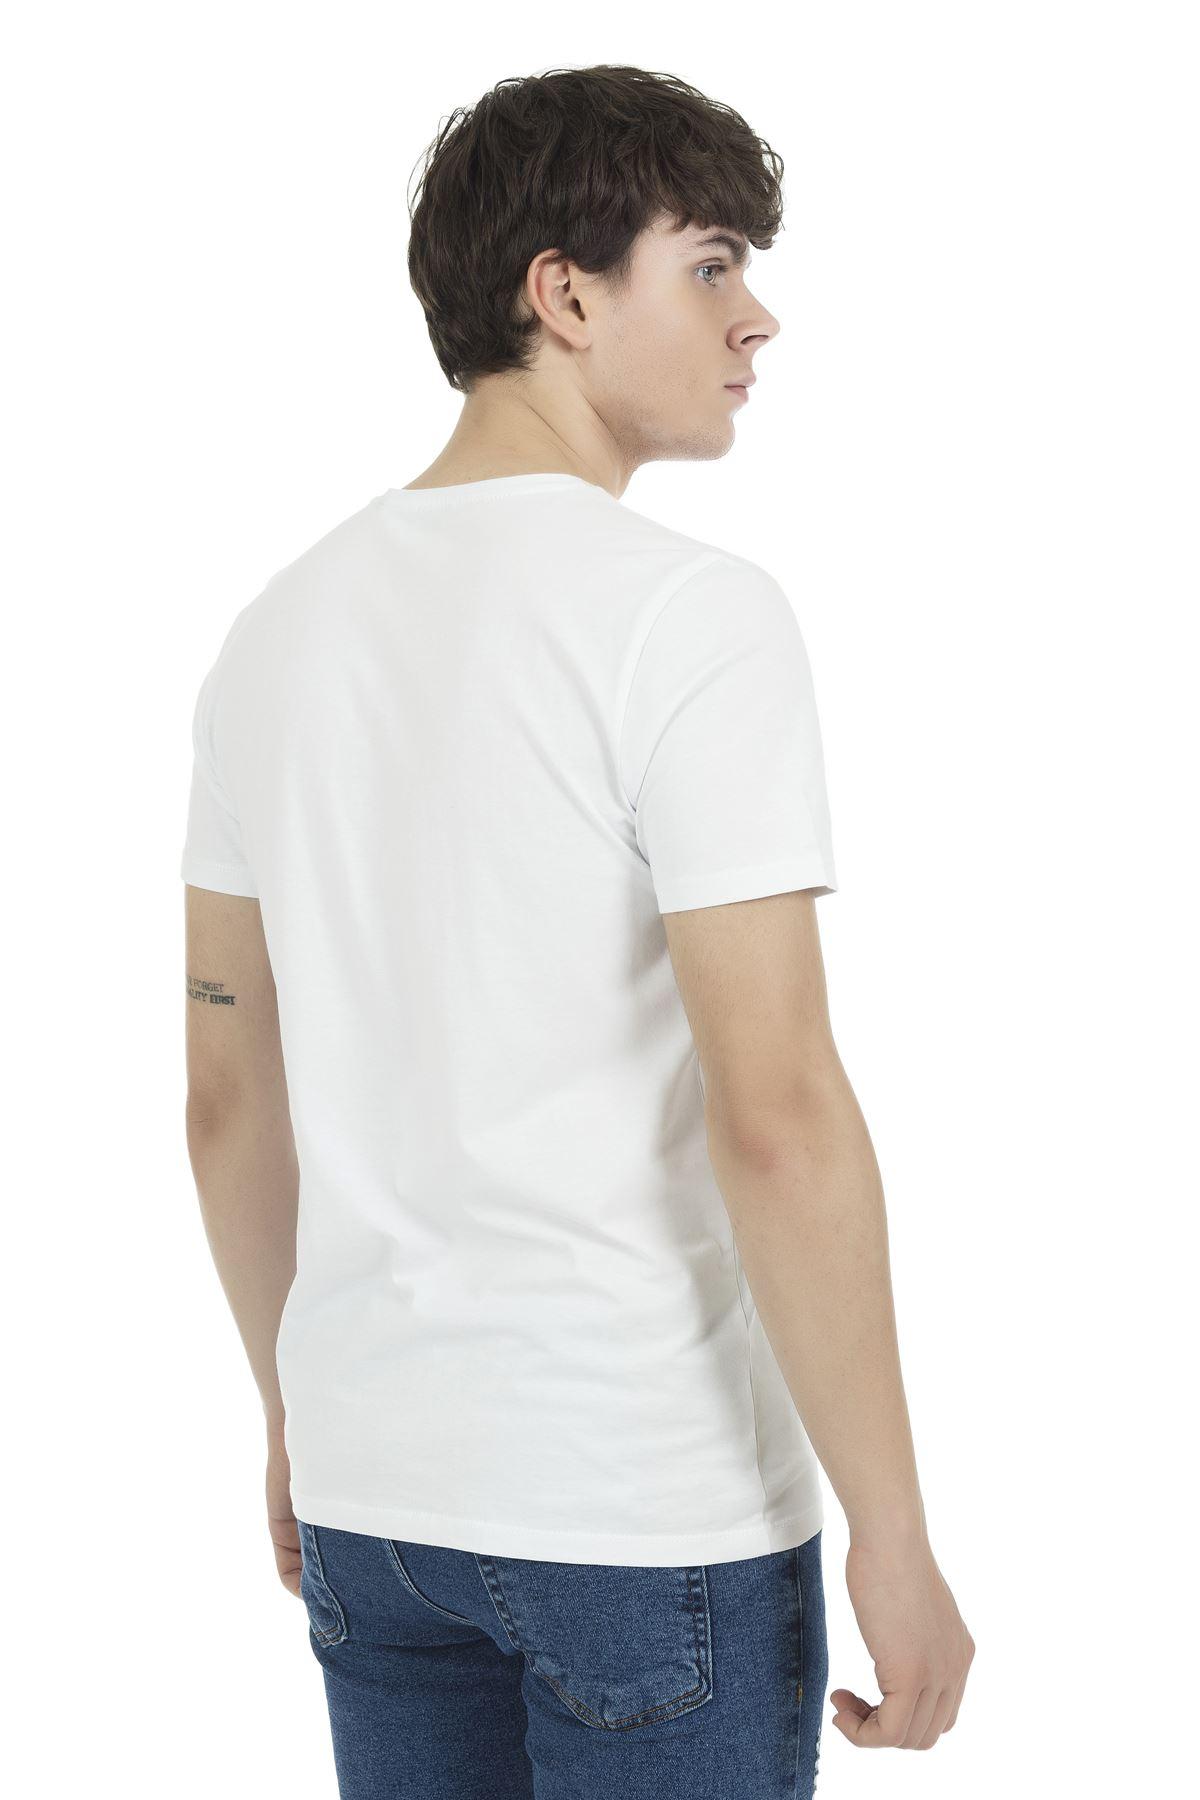 Beyaz Bisiklet Yaka Kısa Kol Süpreme Baskılı Tshirt